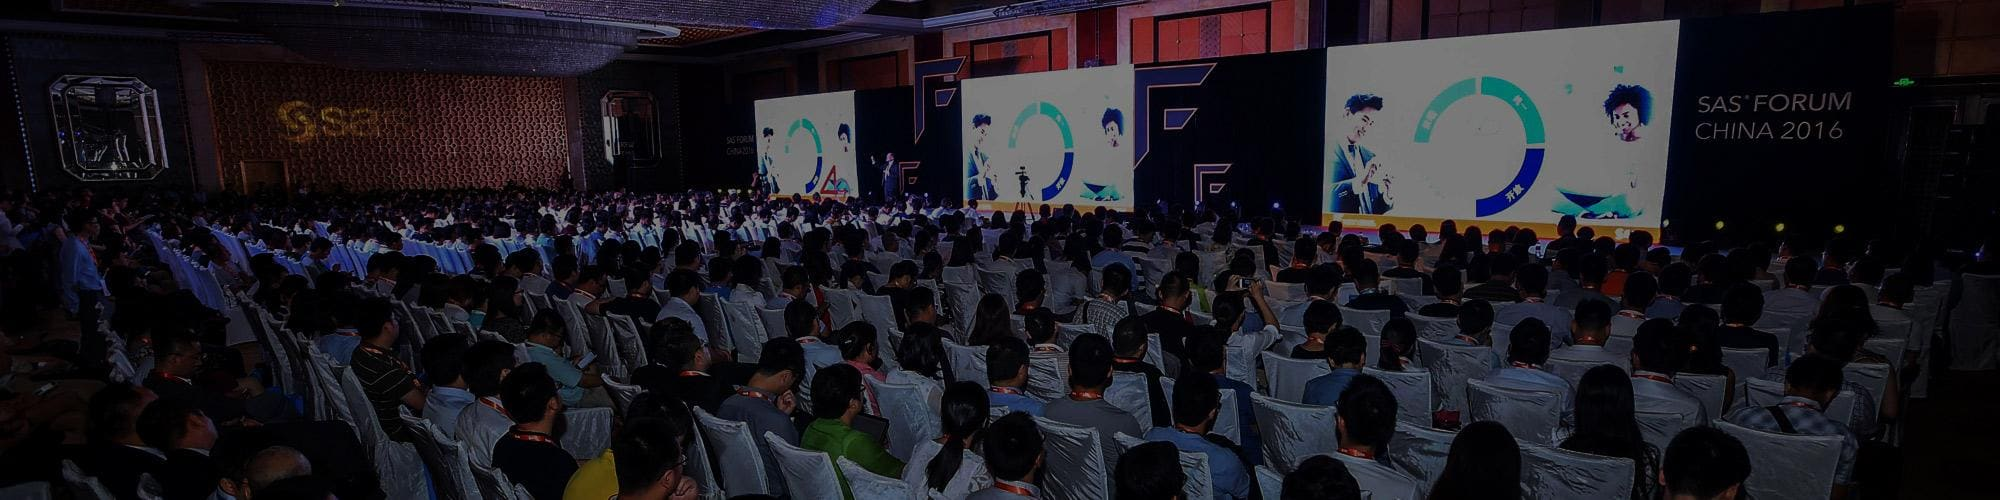 SAS Forum China 2016 Group Photo